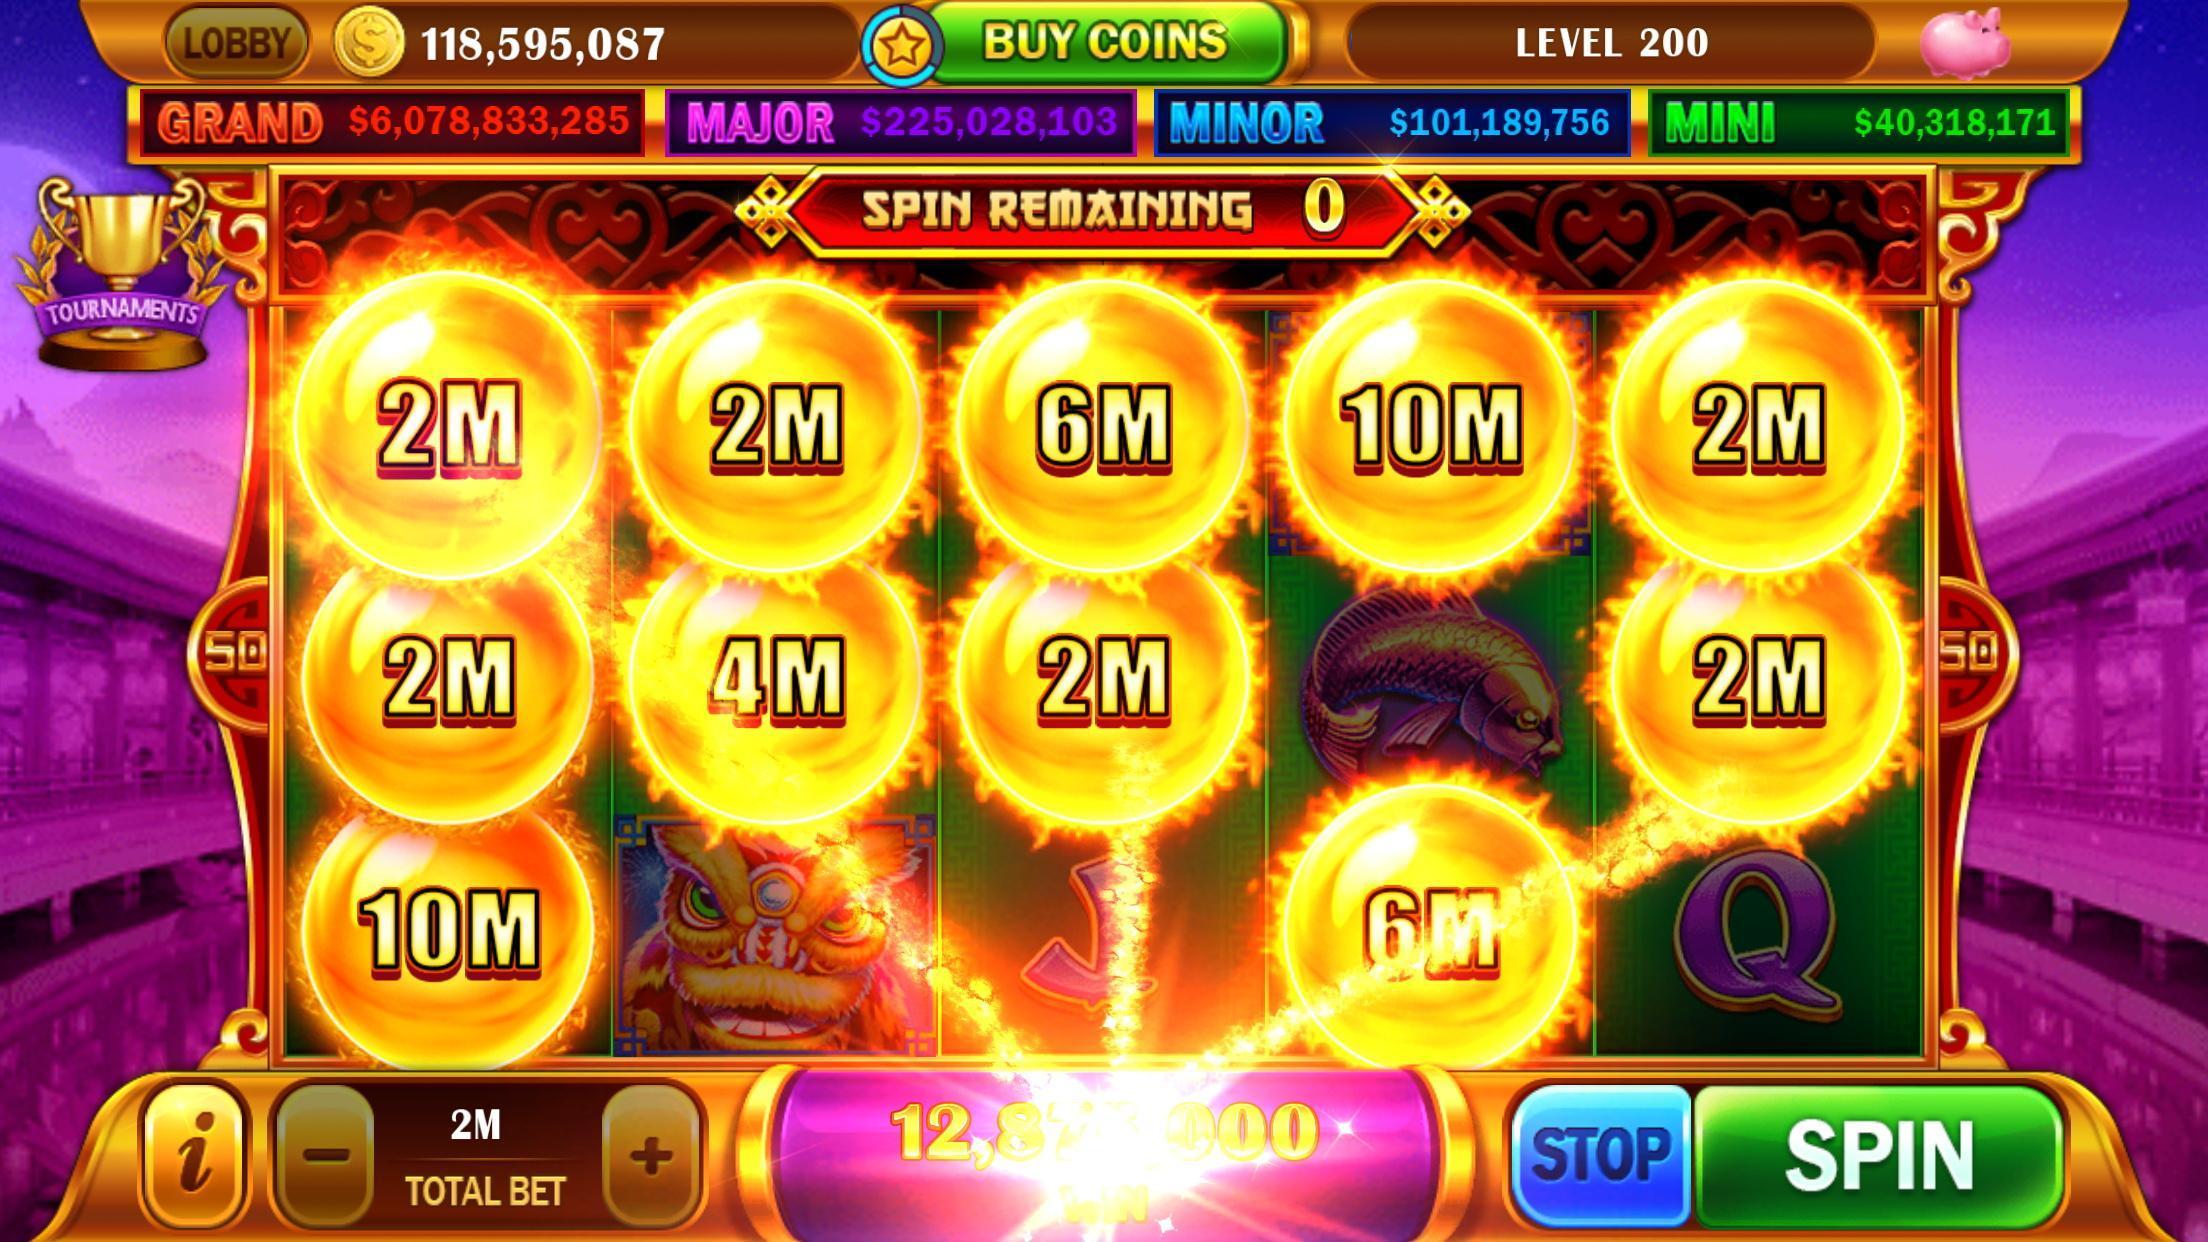 Скачать казино golden games как работают игровые автоматы с игрушками